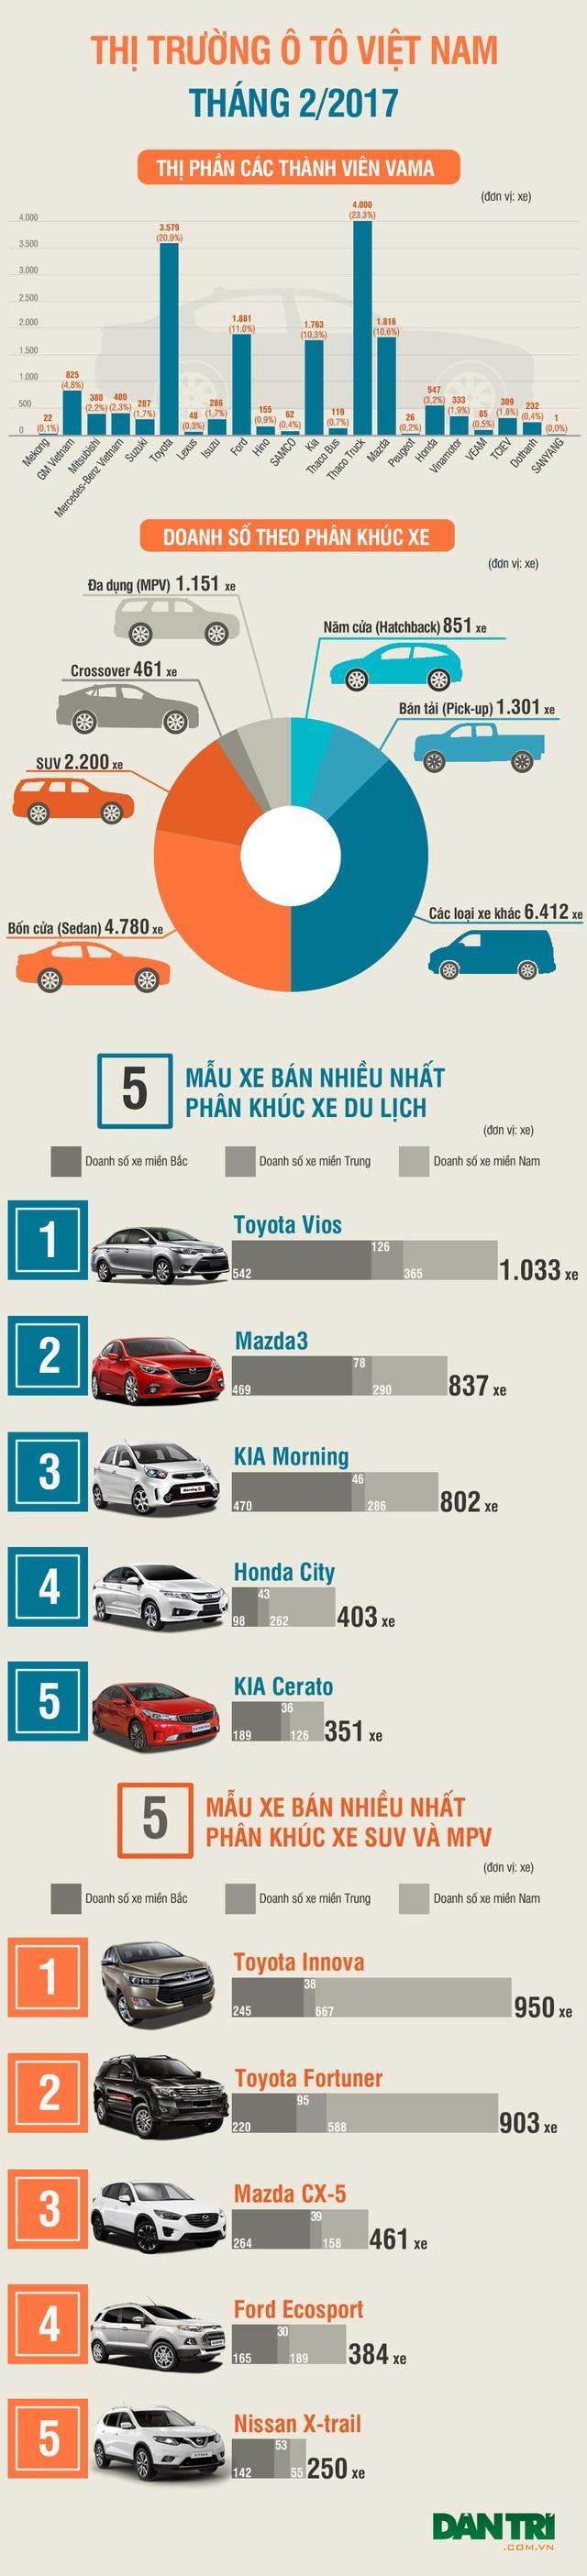 Xe nào đang được ưa chuộng nhất tại Việt Nam? - 1